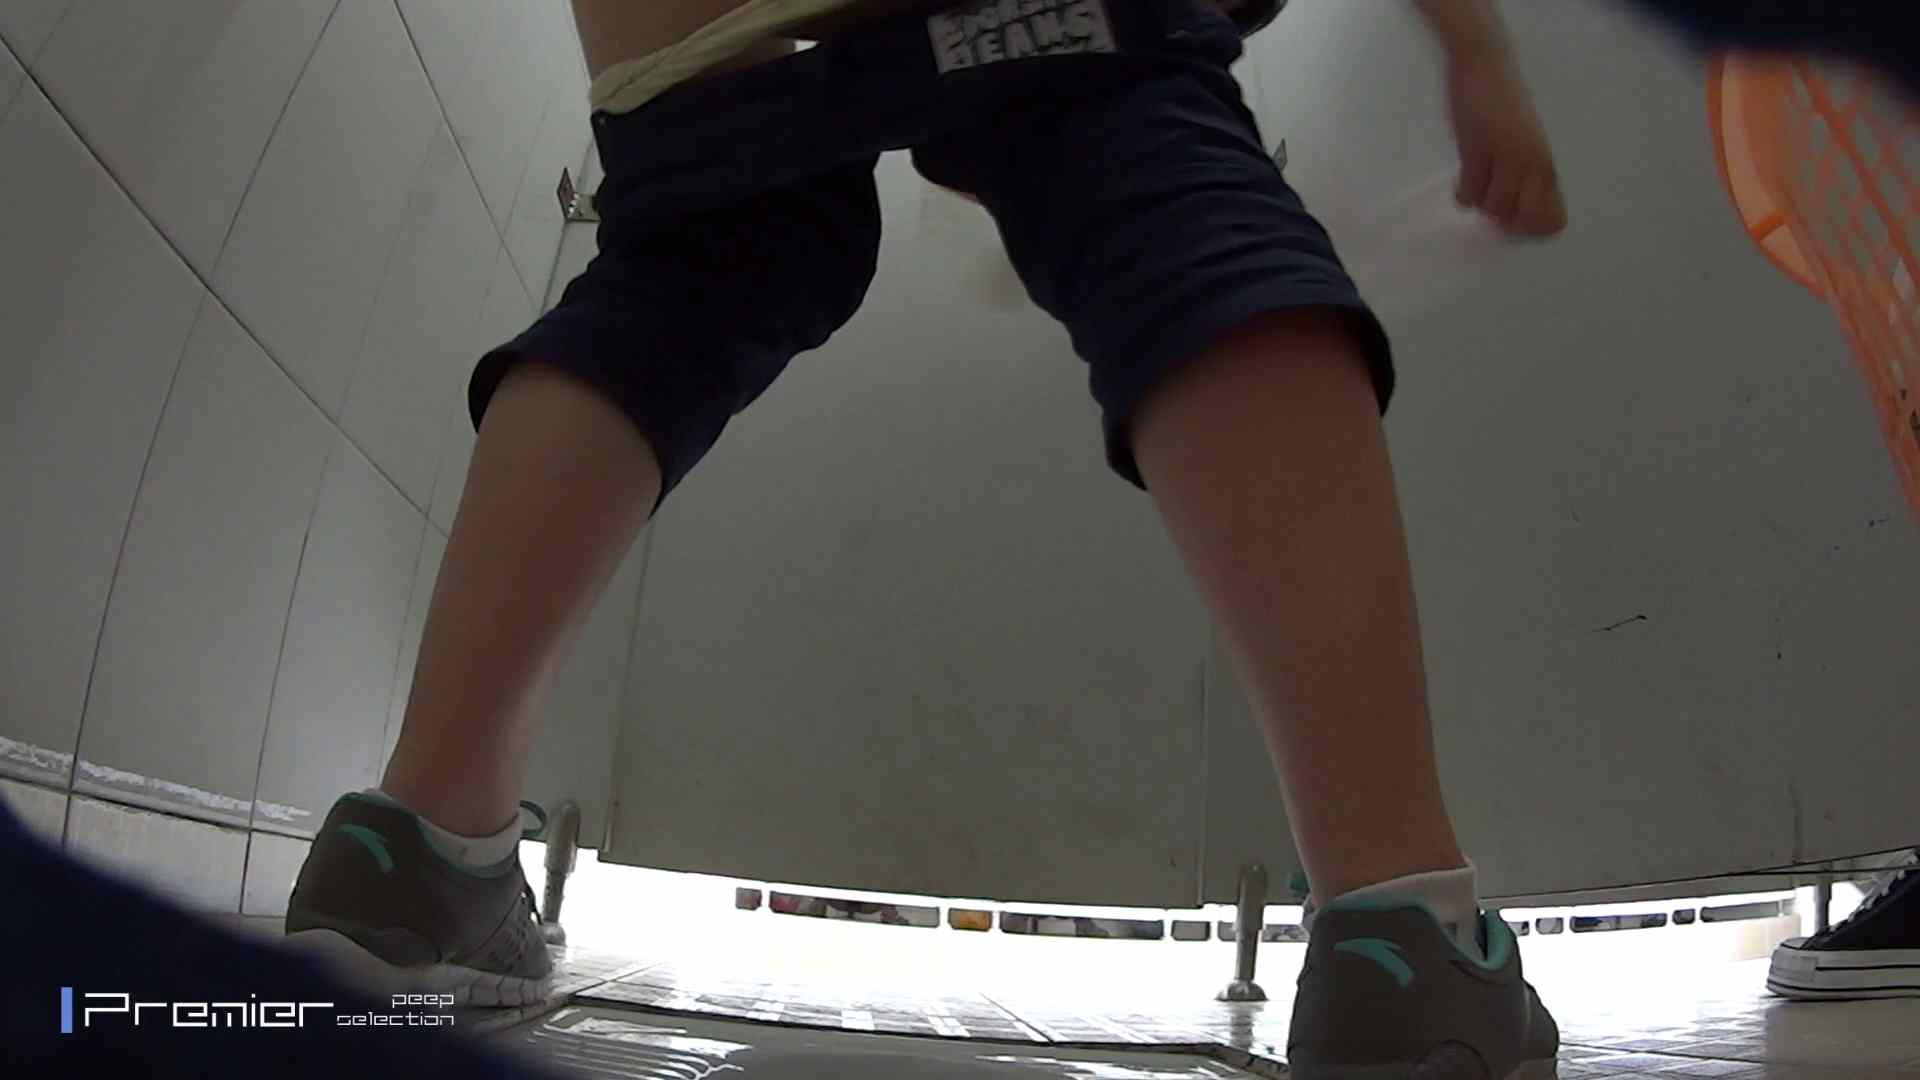 無料アダルト動画:田舎風素朴美女の洗面所!有名大学休憩時間の洗面所事情09:怪盗ジョーカー